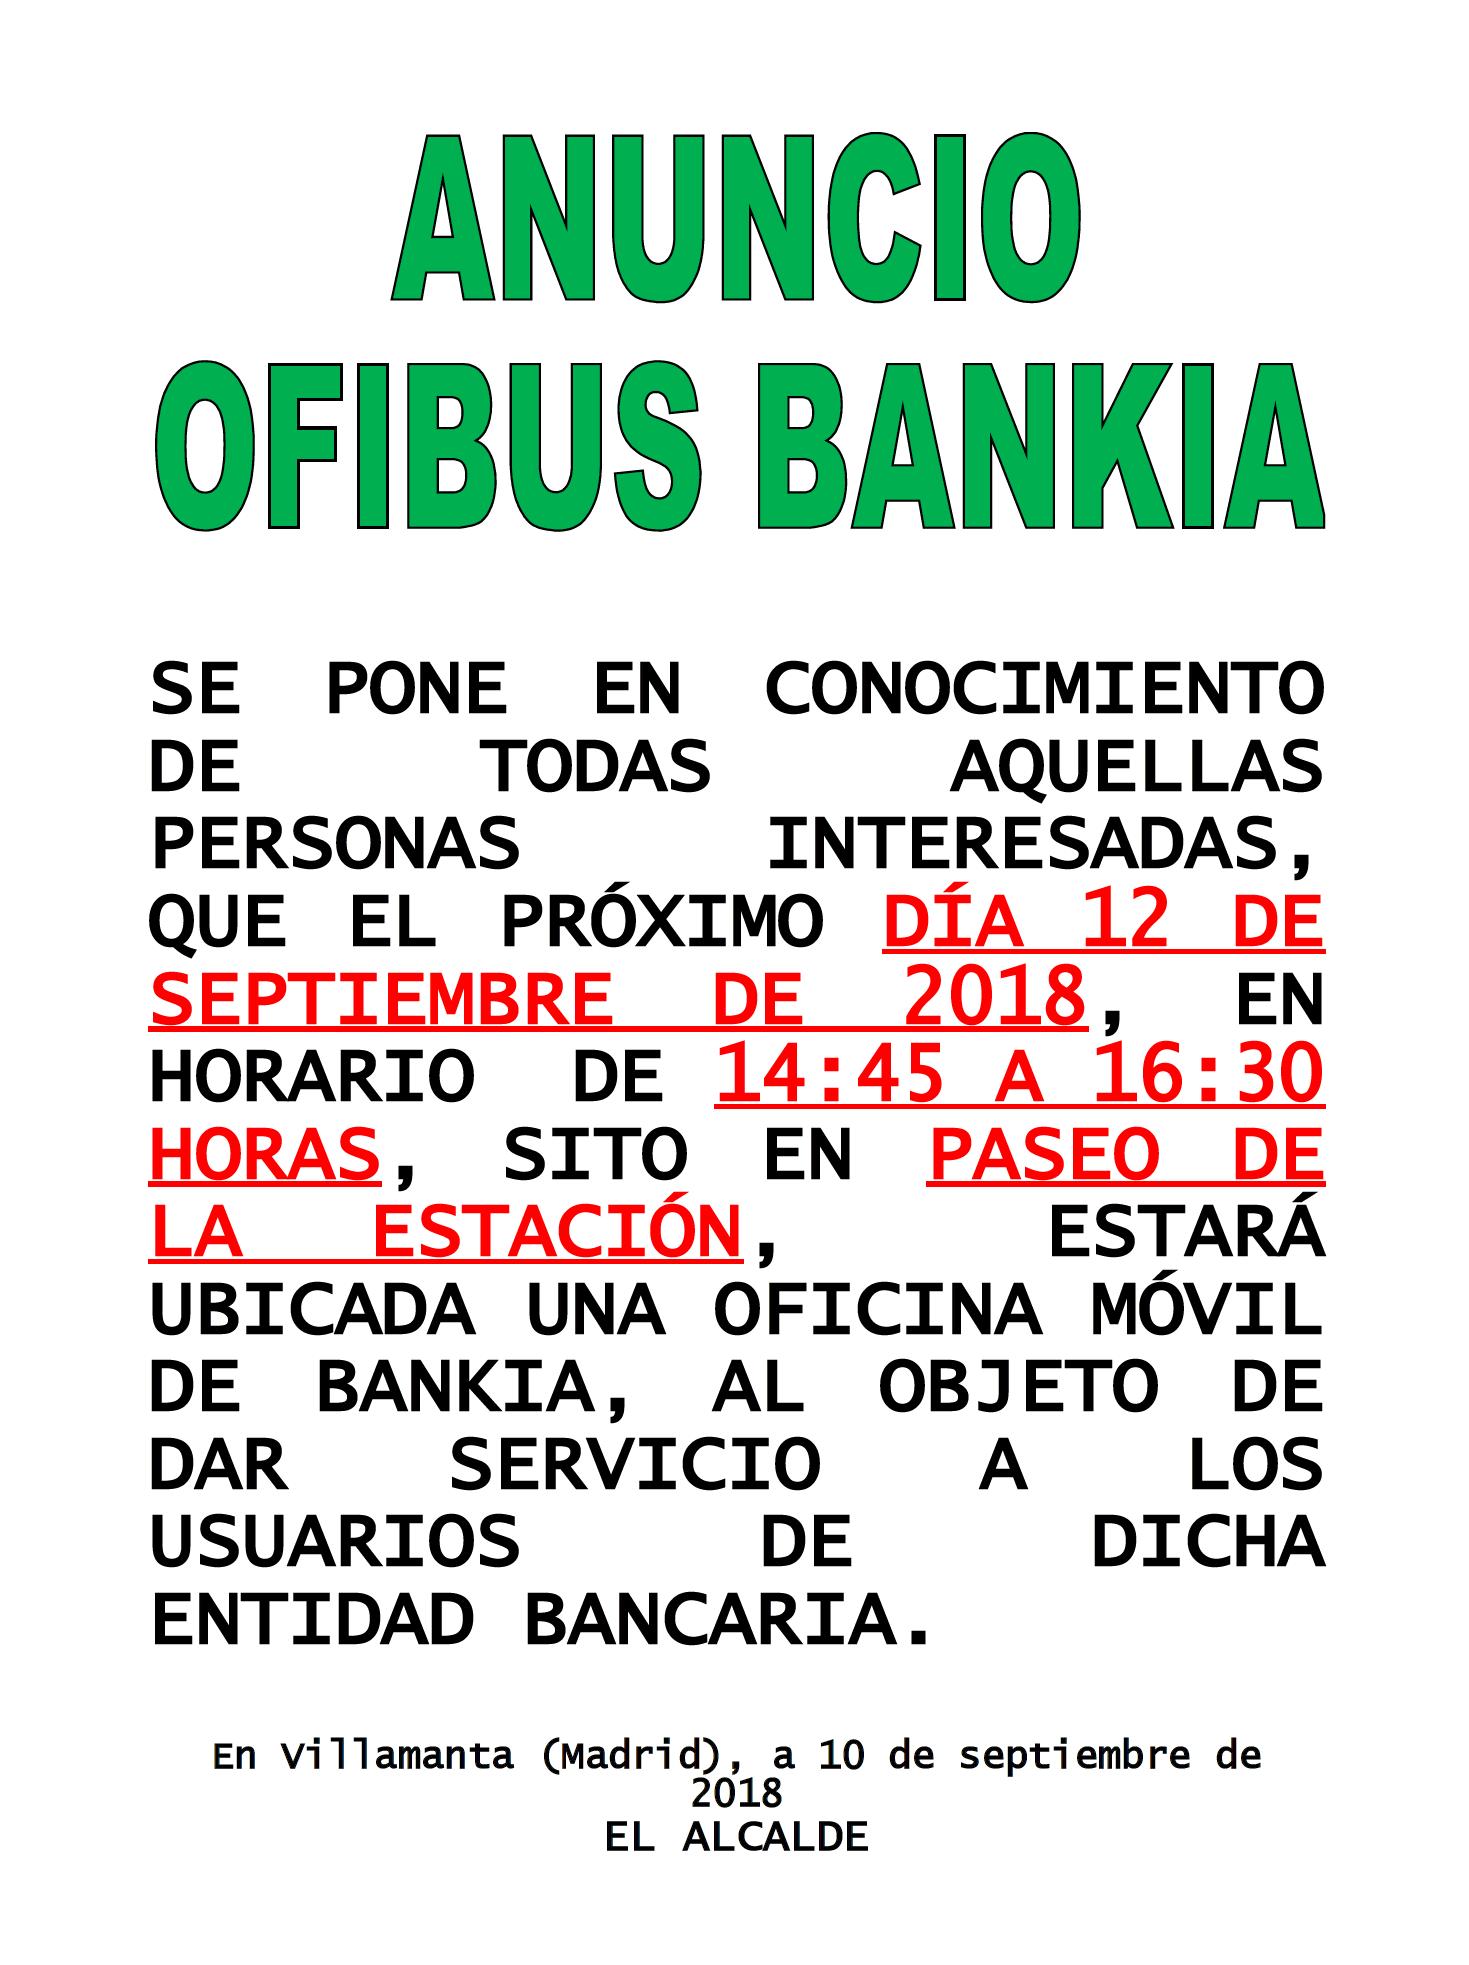 Ofibus bankia 12/09/2018